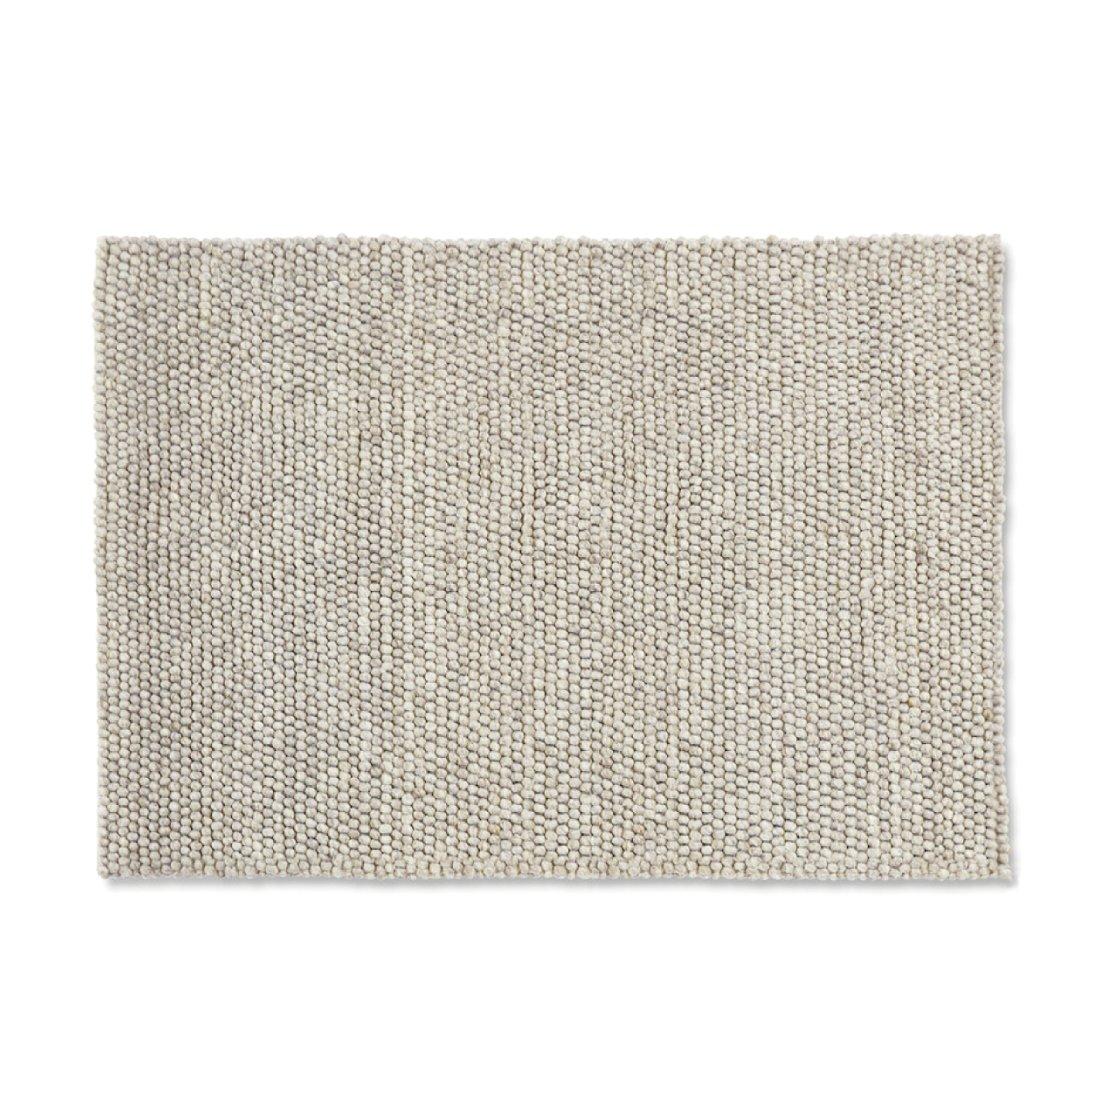 HAY Peas Karpet Vloerkleed 140 x 200 cm Licht Grijs